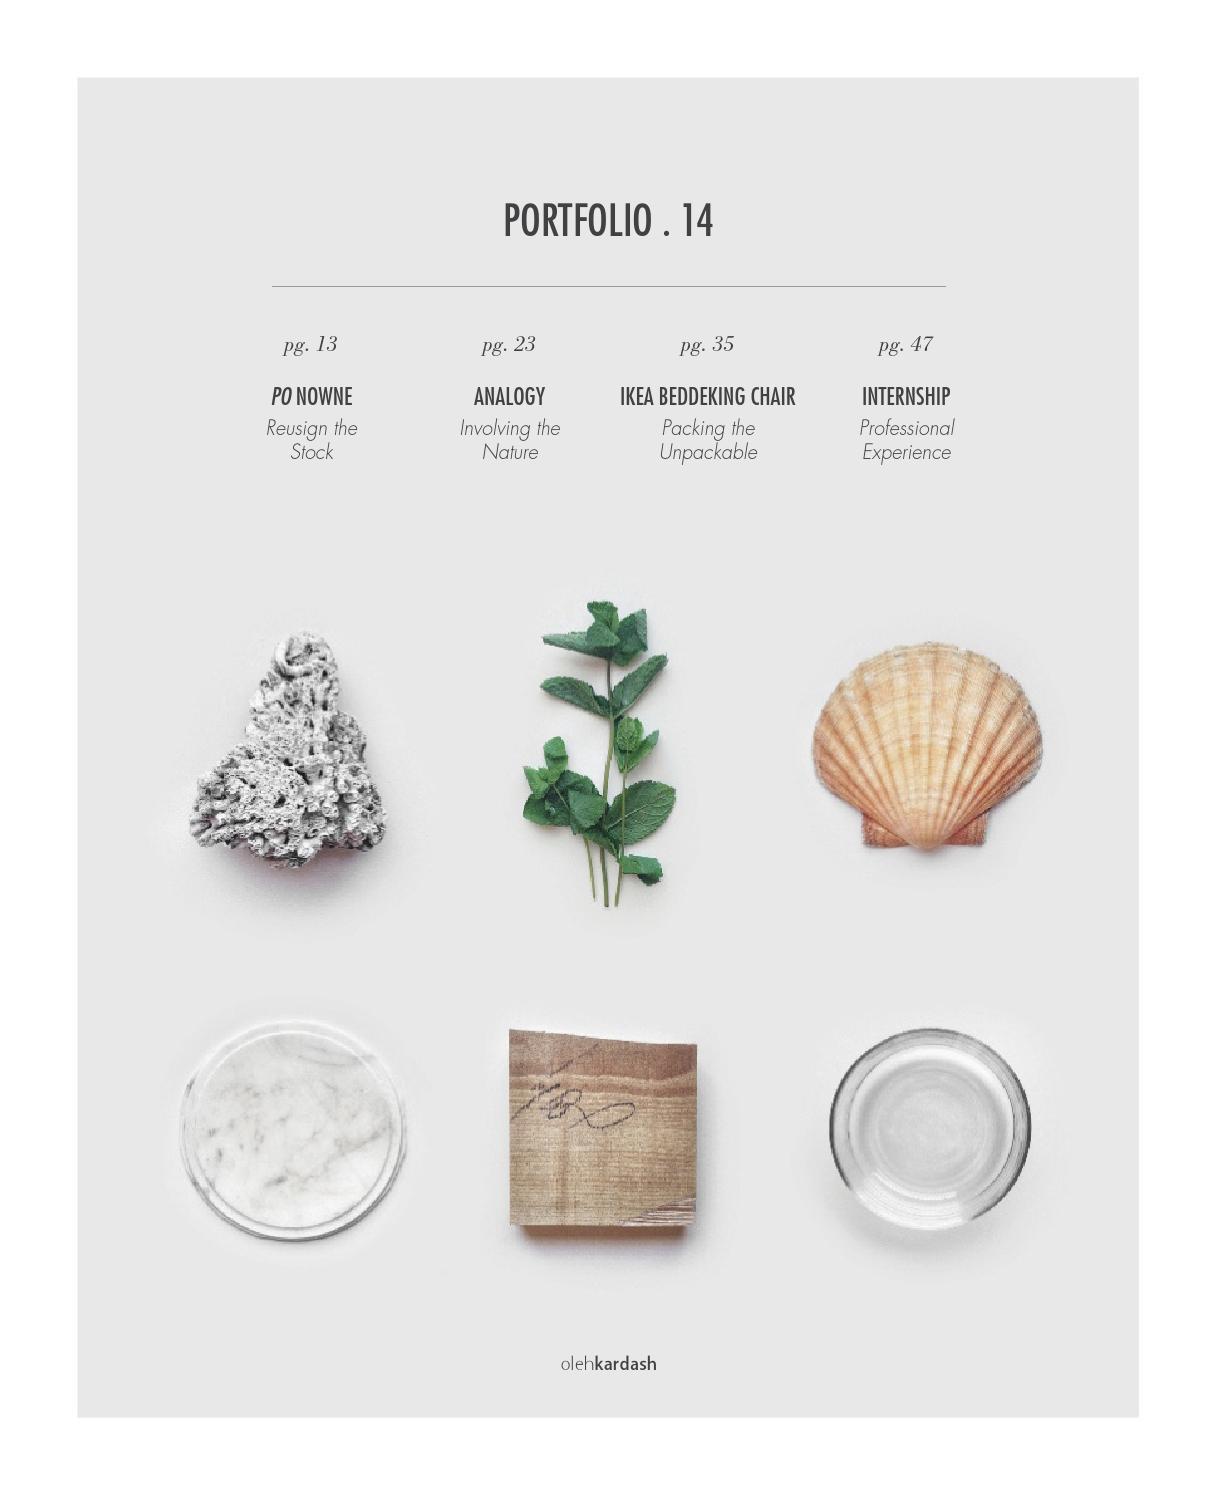 portfolio   14 by oleh kardash